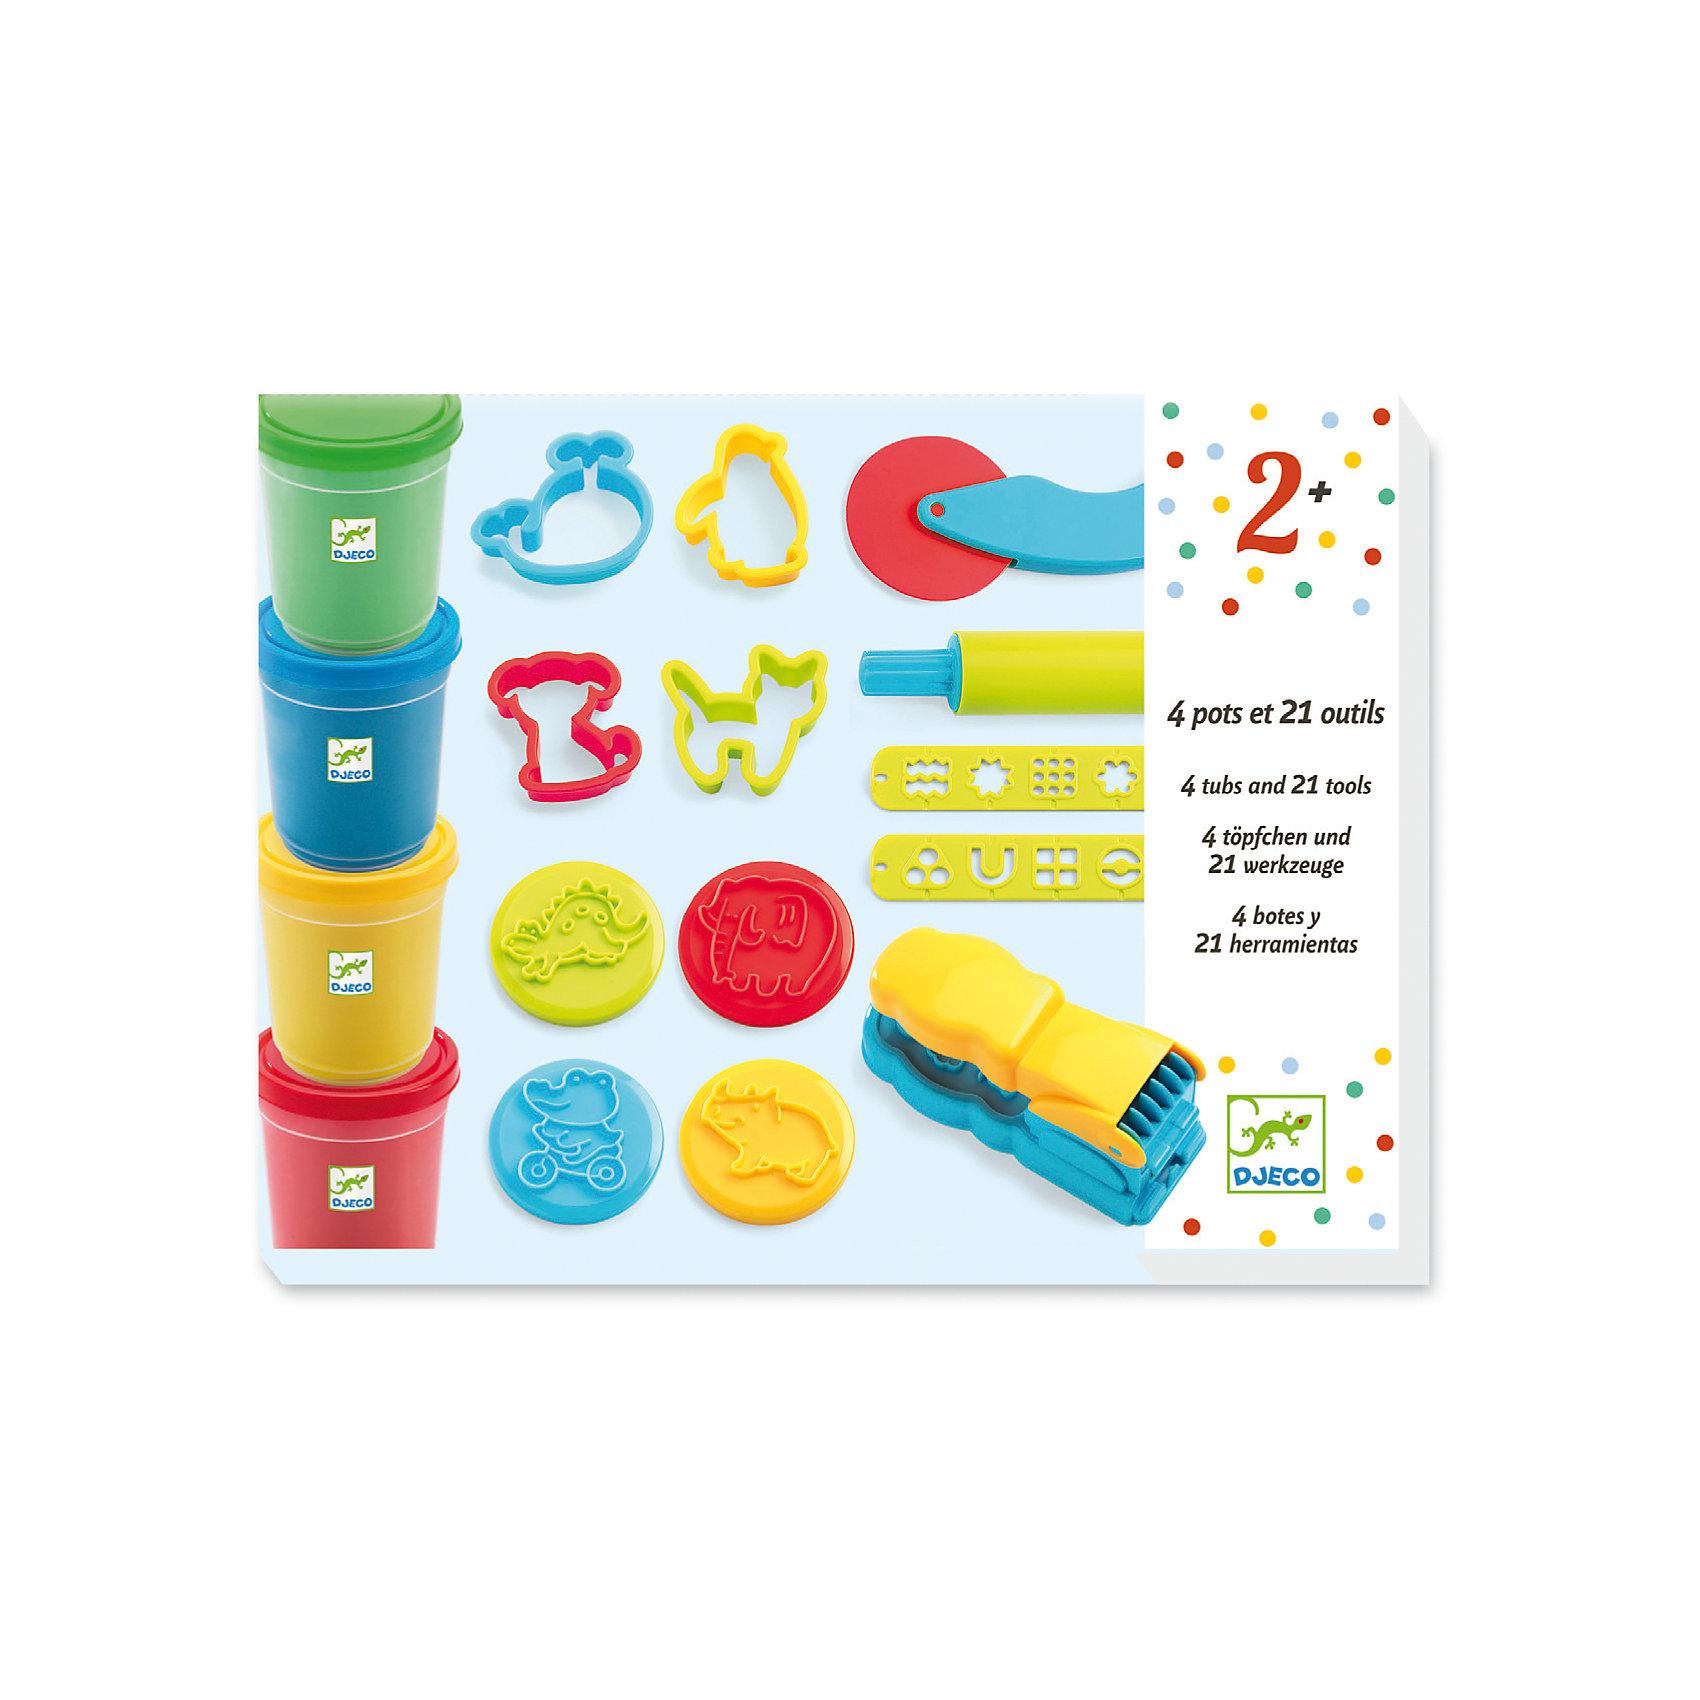 Набор для творчества с пластилином, DJECOЛепка<br>Характеристики набора для творчества На балу:<br><br>• пол: универсальный<br>• возраст: от 3 лет<br>• комплект: 4 баночки с пластилином, скалка, ножичек, 8 формочек, 8 штампов, пресс для пластилина<br>• состав набора: пластик, пластилин<br>• тип набора: создание картинок<br>• упаковка: картонная коробка<br>• размер упаковки: 27 x 20 х 7 см<br>• вес баночек пластилина: 140 гр.<br>• бренд: Djeco<br>• страна обладателя бренда: Франция<br><br>Набор для творчества Пластилин производителя Djeco - это комплект самых разнообразных инструментов для деятельности с пластилином. В нем можно найти несколько интересных инструментов и формочек, а также баночек с разноцветной массой для лепки.<br><br>Пластилин изготовлен из качественных материалов и не принесет ребенку вреда, однако нужно проследить чтобы малыш не кушал его. Благодаря инструменту с прессом можно выдавливать необычные полосочки и делать из них удивительные картины.<br><br>Набор для творчества с пластилином торговой марки Djeco (Джеко) можно купить в нашем интернет-магазие.<br><br>Ширина мм: 280<br>Глубина мм: 210<br>Высота мм: 70<br>Вес г: 910<br>Возраст от месяцев: 36<br>Возраст до месяцев: 2147483647<br>Пол: Унисекс<br>Возраст: Детский<br>SKU: 5448834